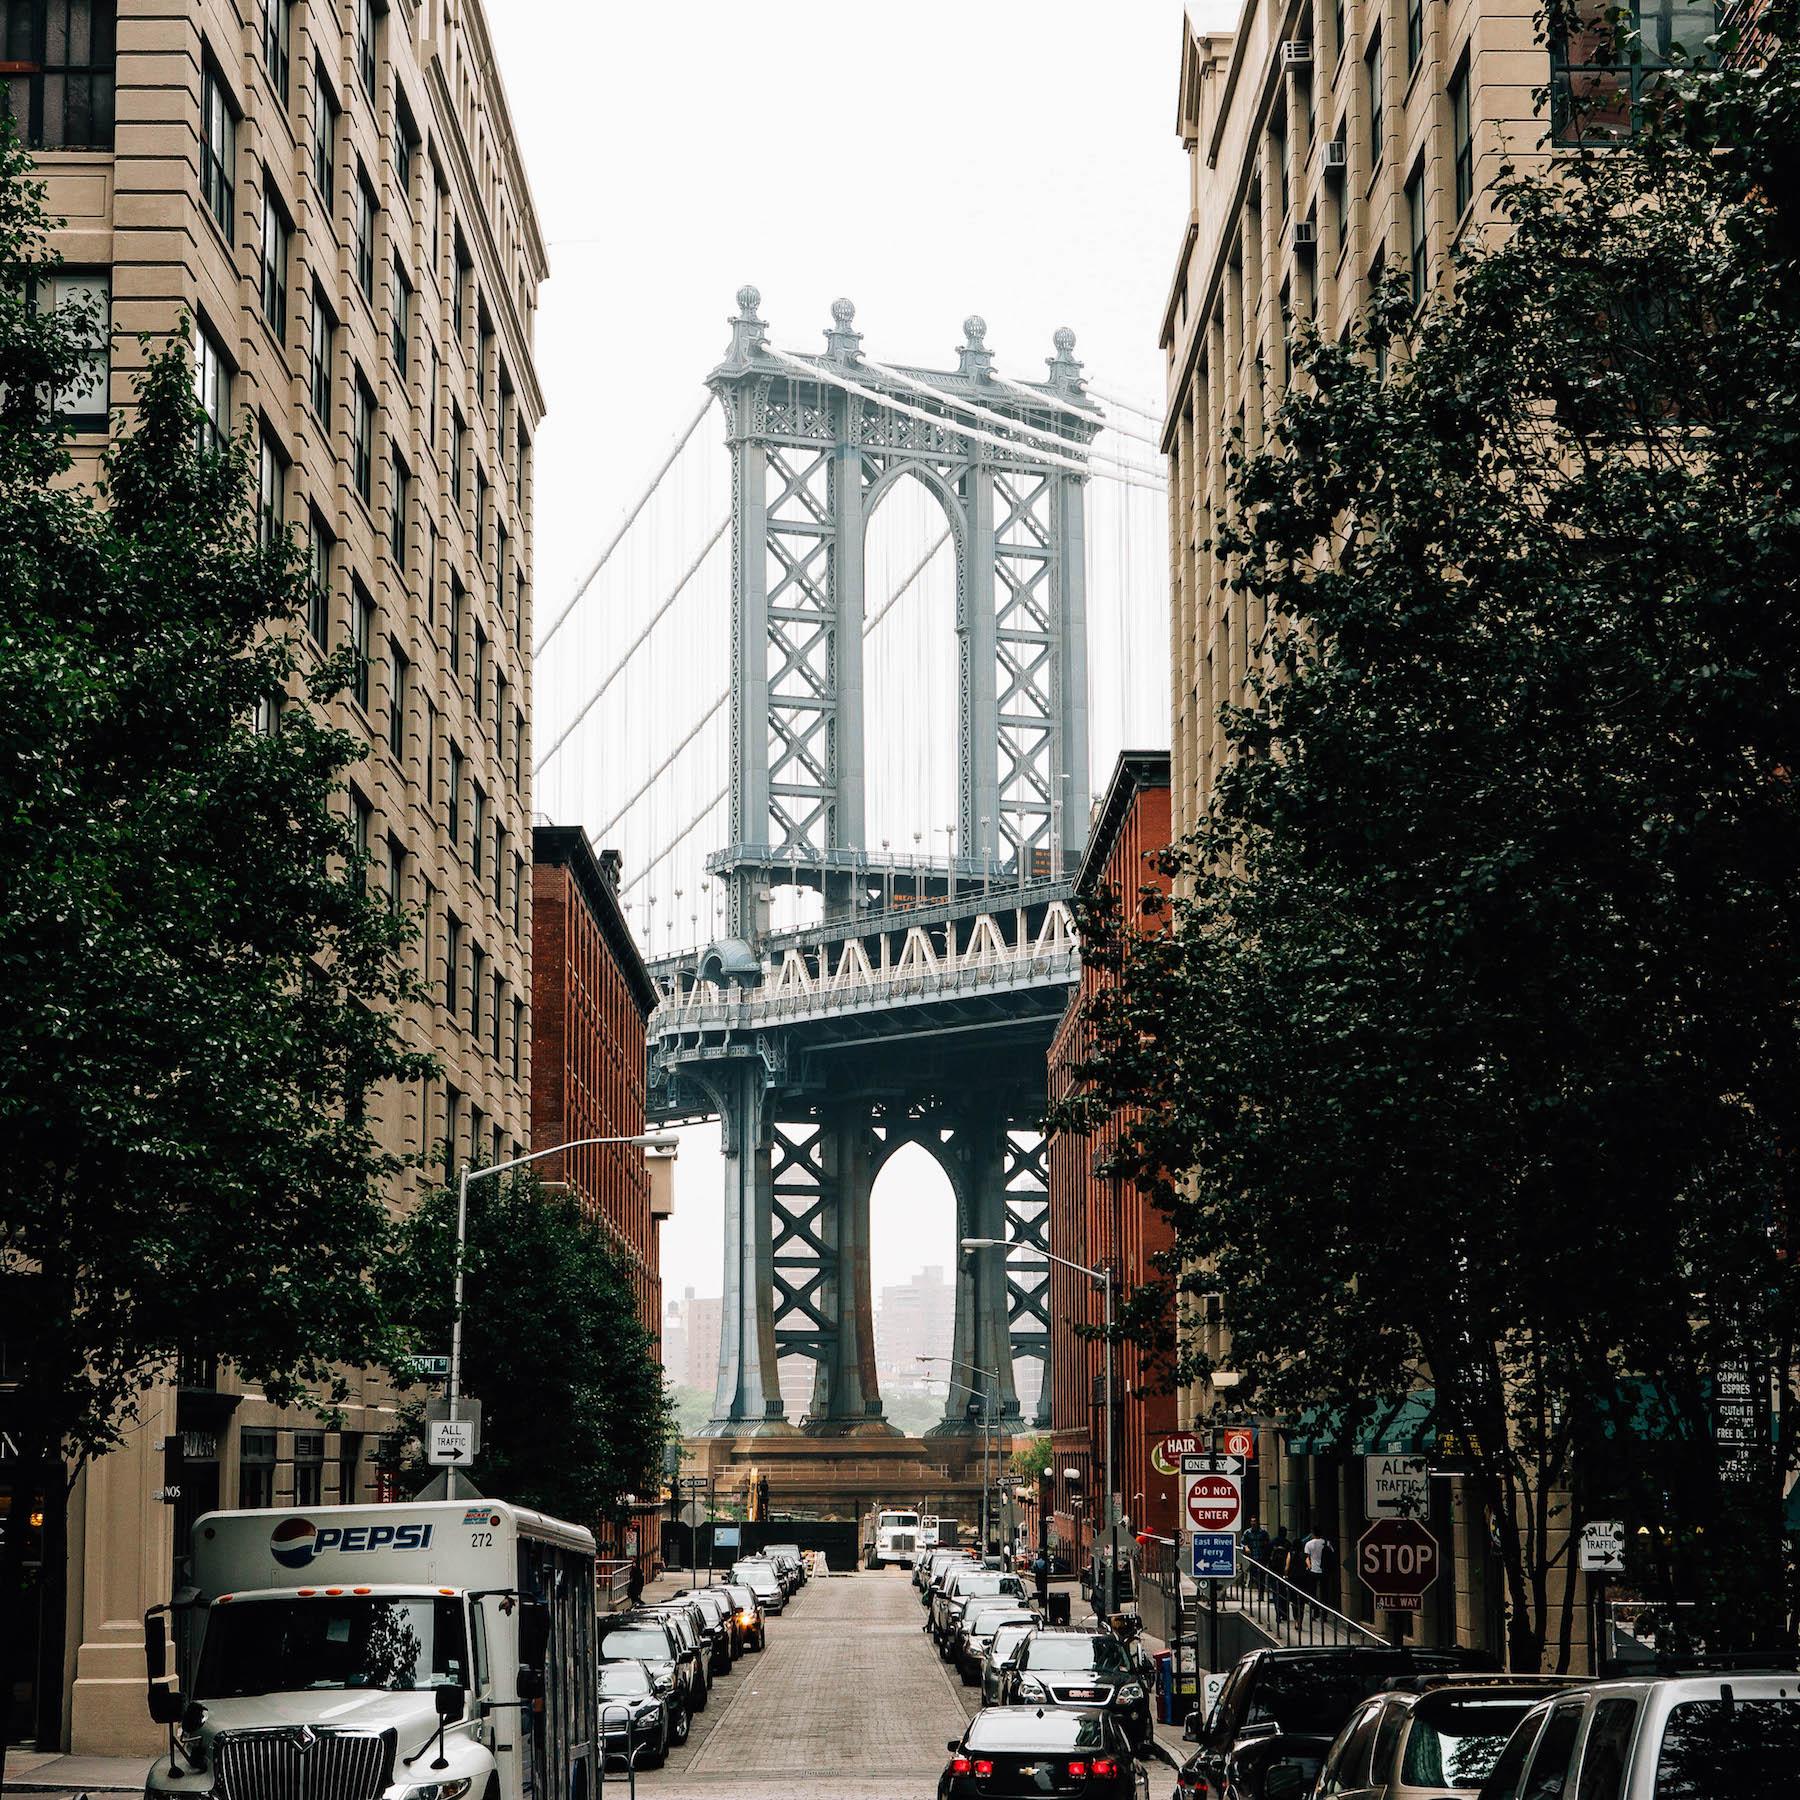 New York Tipps für Anfänger suelovesnyc_susan_fengler_new_York_tipps_fuer_anfaenger_new_york_tipps-fur_anfanger